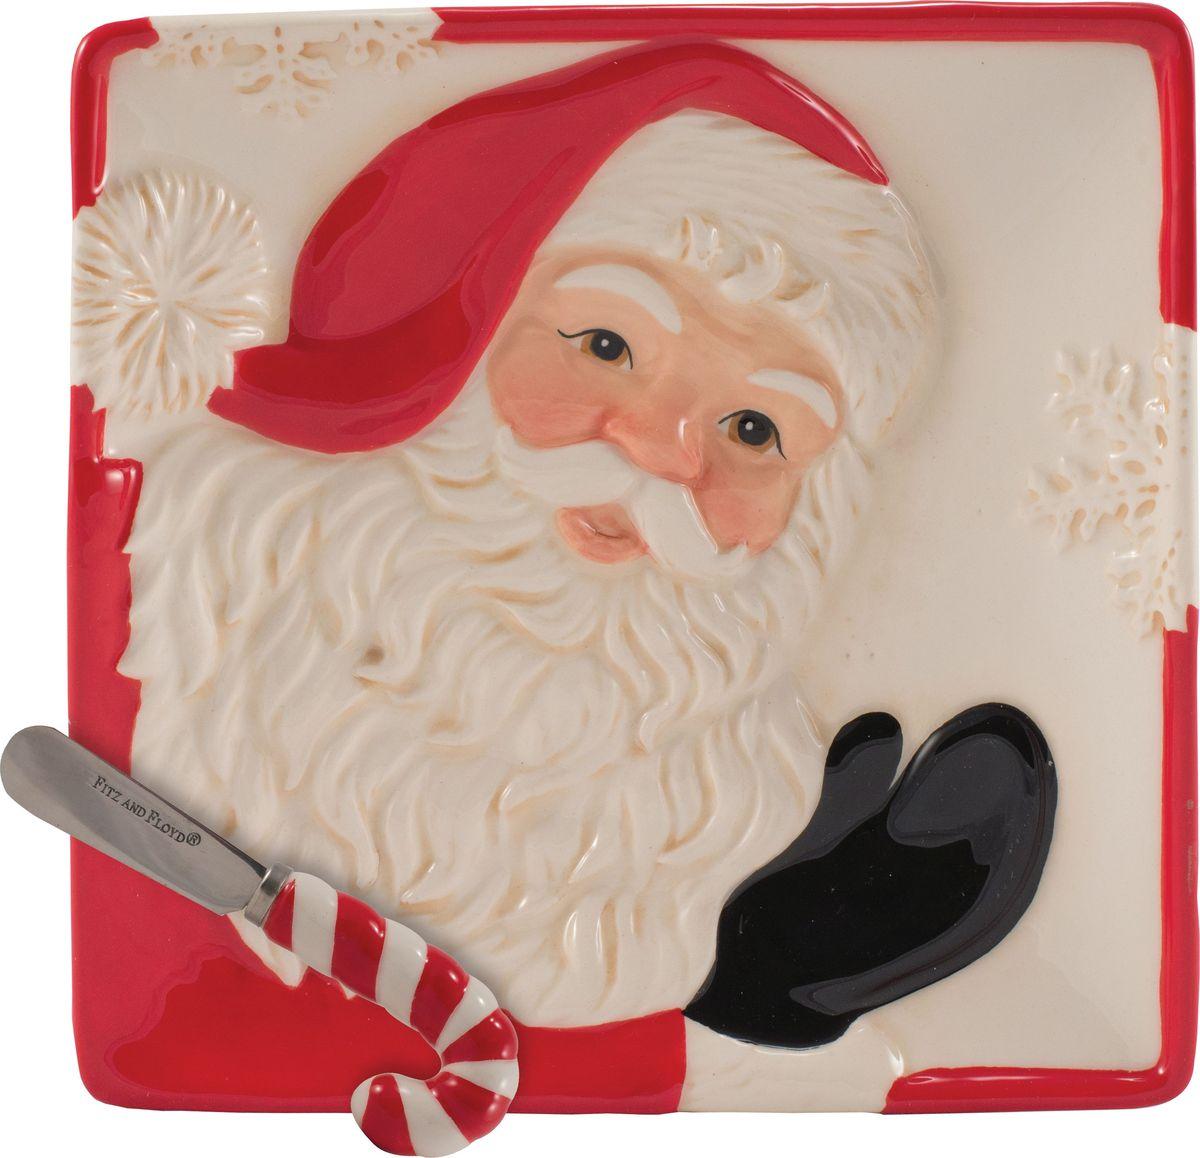 Набор для торта Fitz and Floyd Письмо Деду Морозу, 2 предмета49-415Рекомендуется бережная ручная мойка с использованием безабразивных моющих средств.